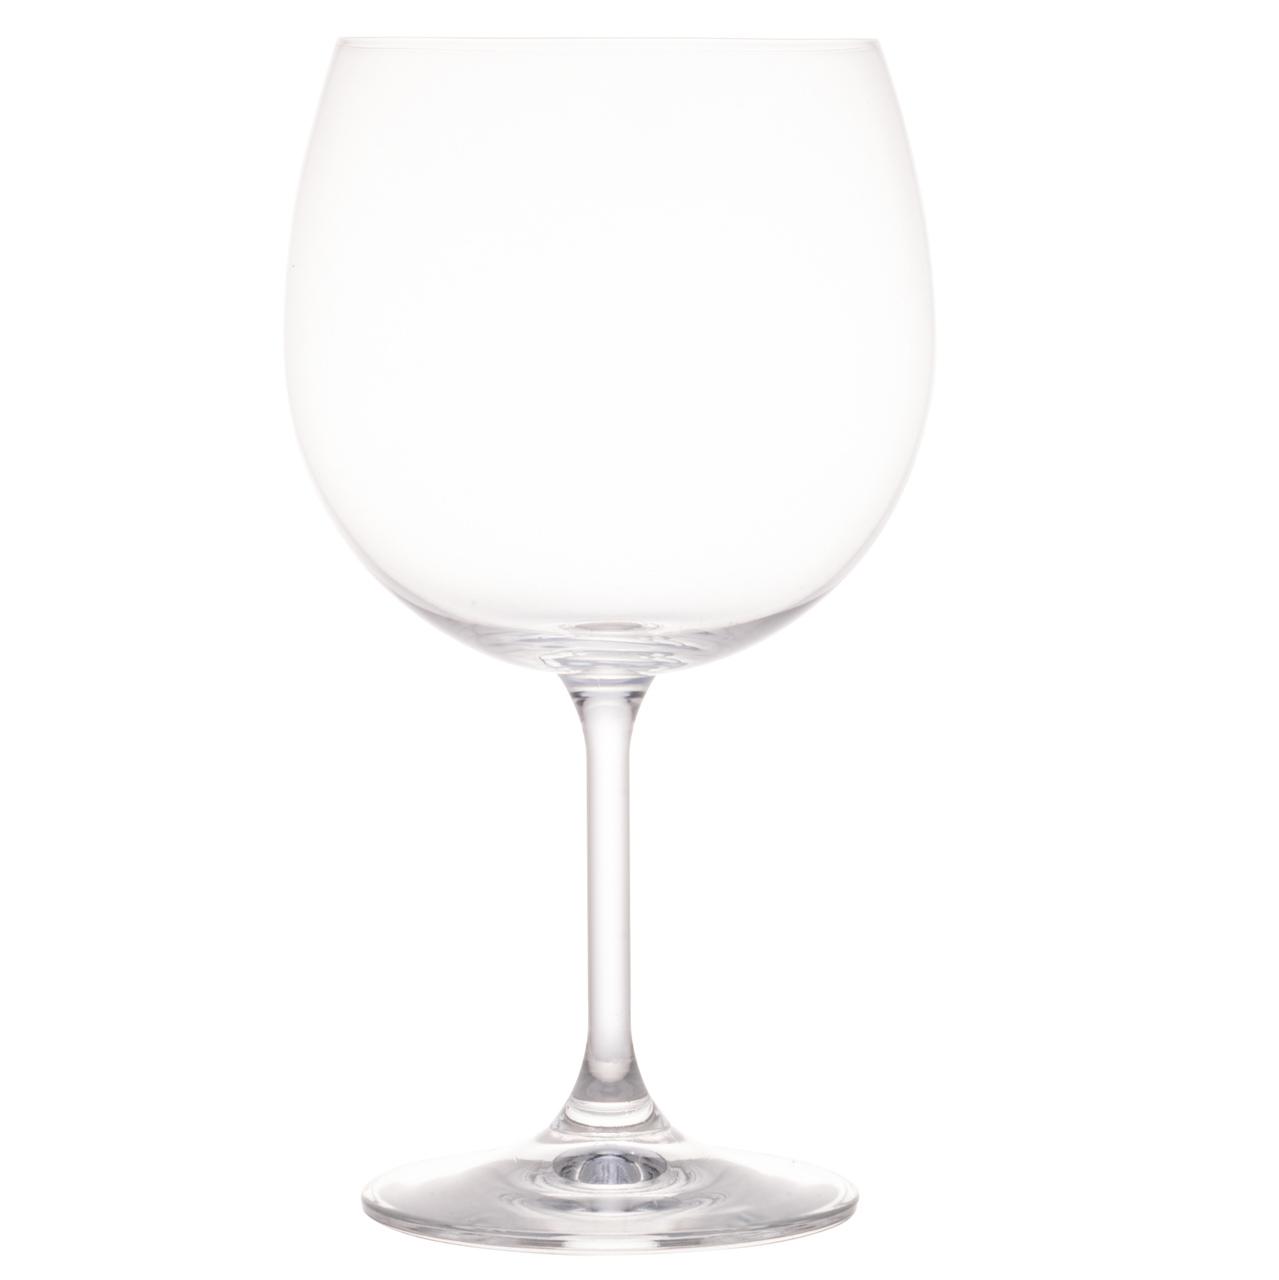 Jogo 10 Taças para Degustação Gin de Cristal Ecológico 600 ml  - Lemis